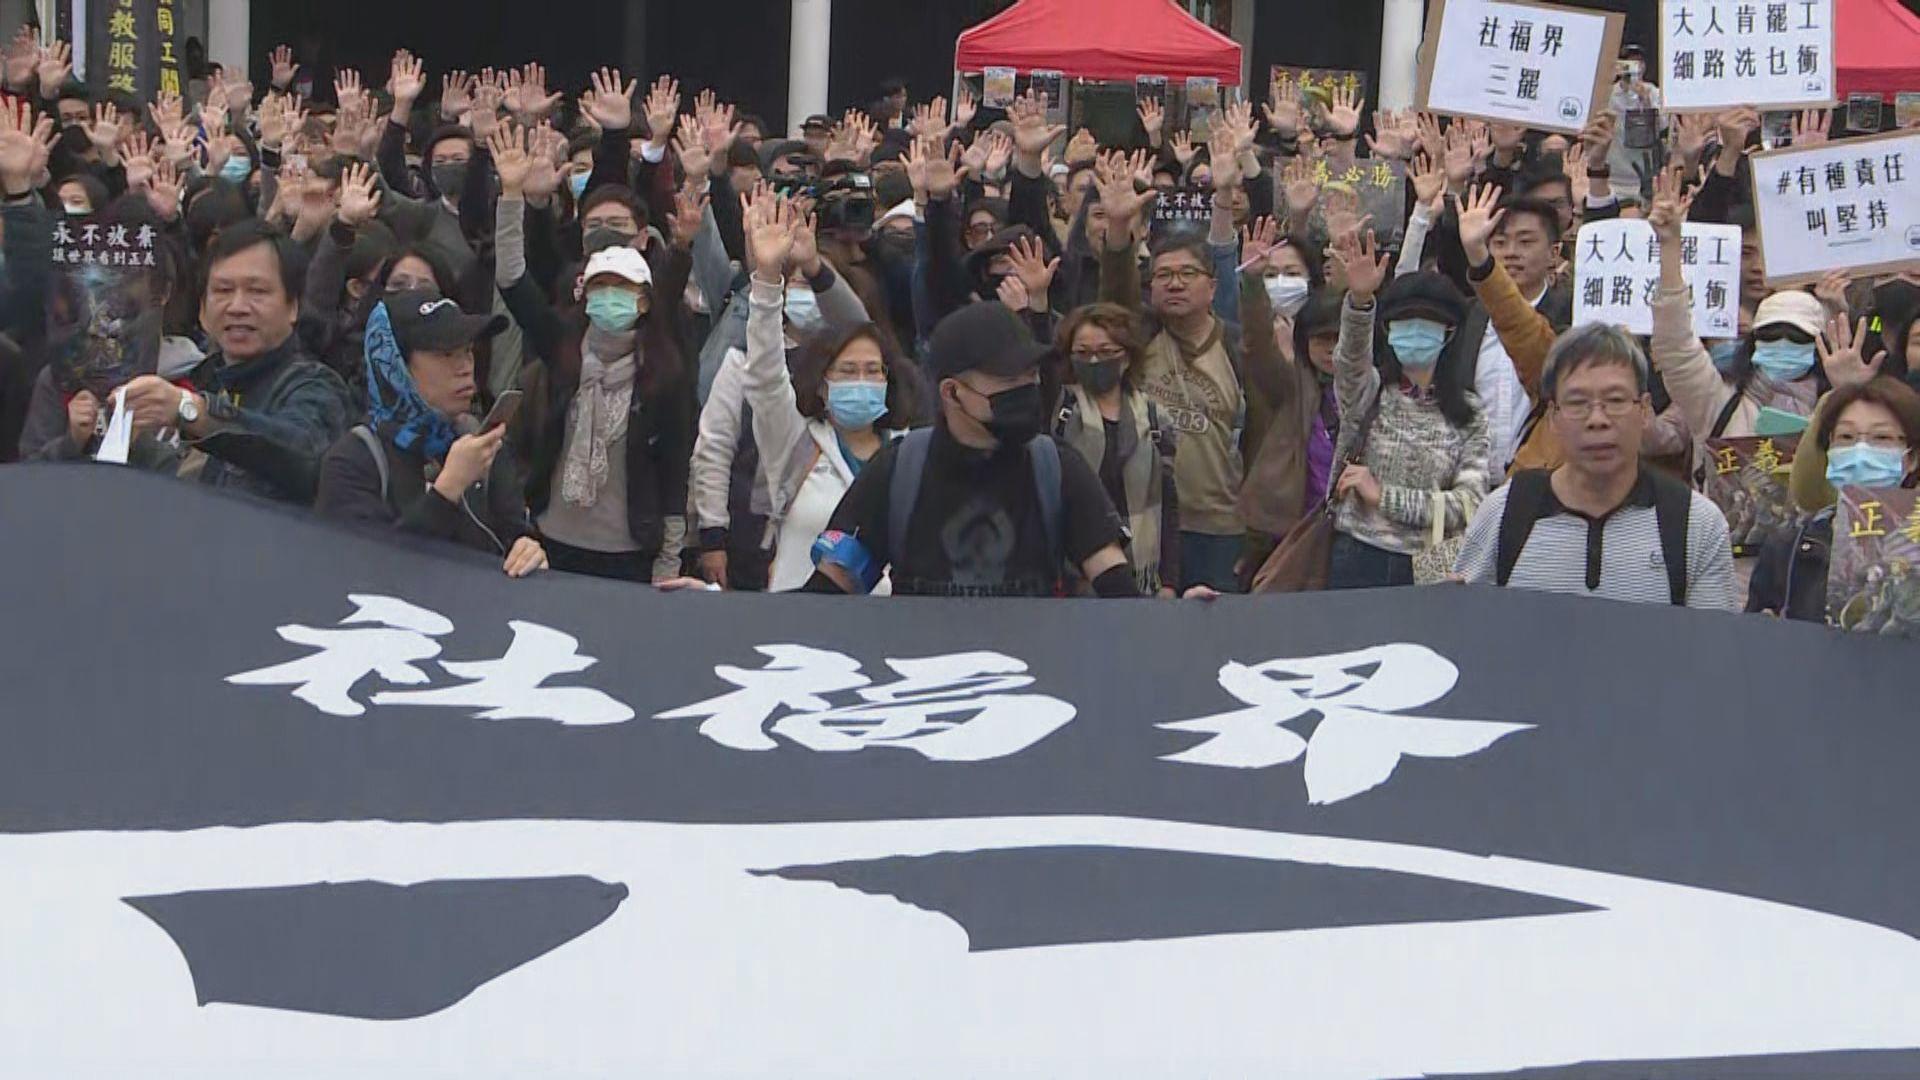 社福界中環集會為罷工造勢 大會指約二千名從業員響應